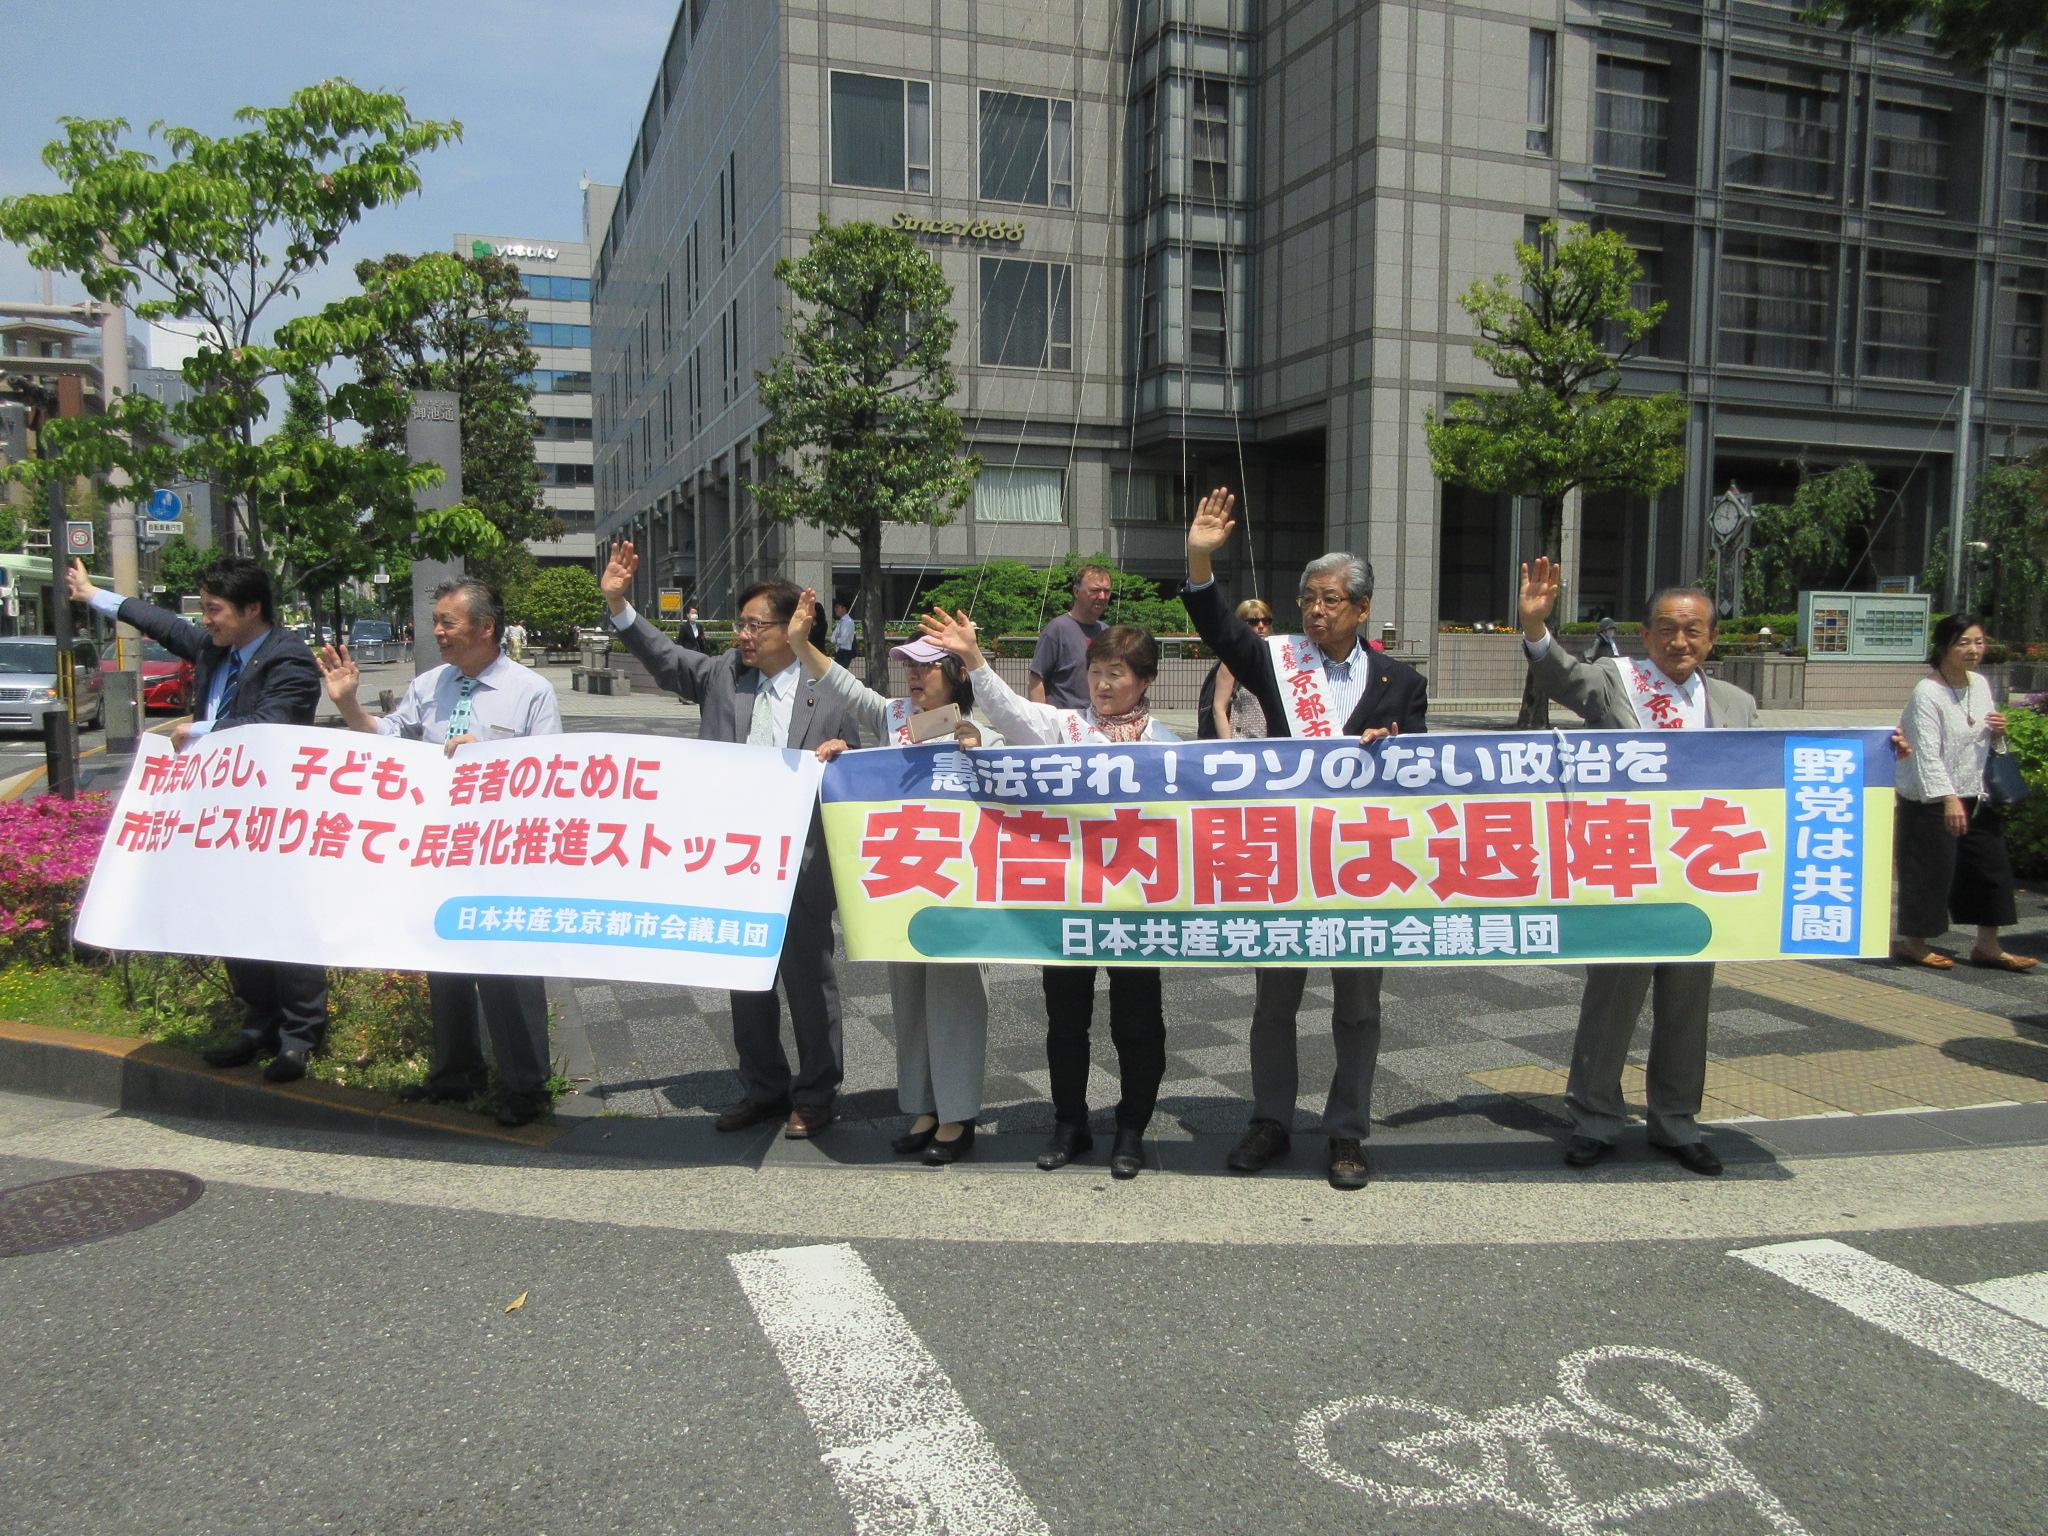 http://www.inoue-satoshi.com/diary/IMG_4593.JPG